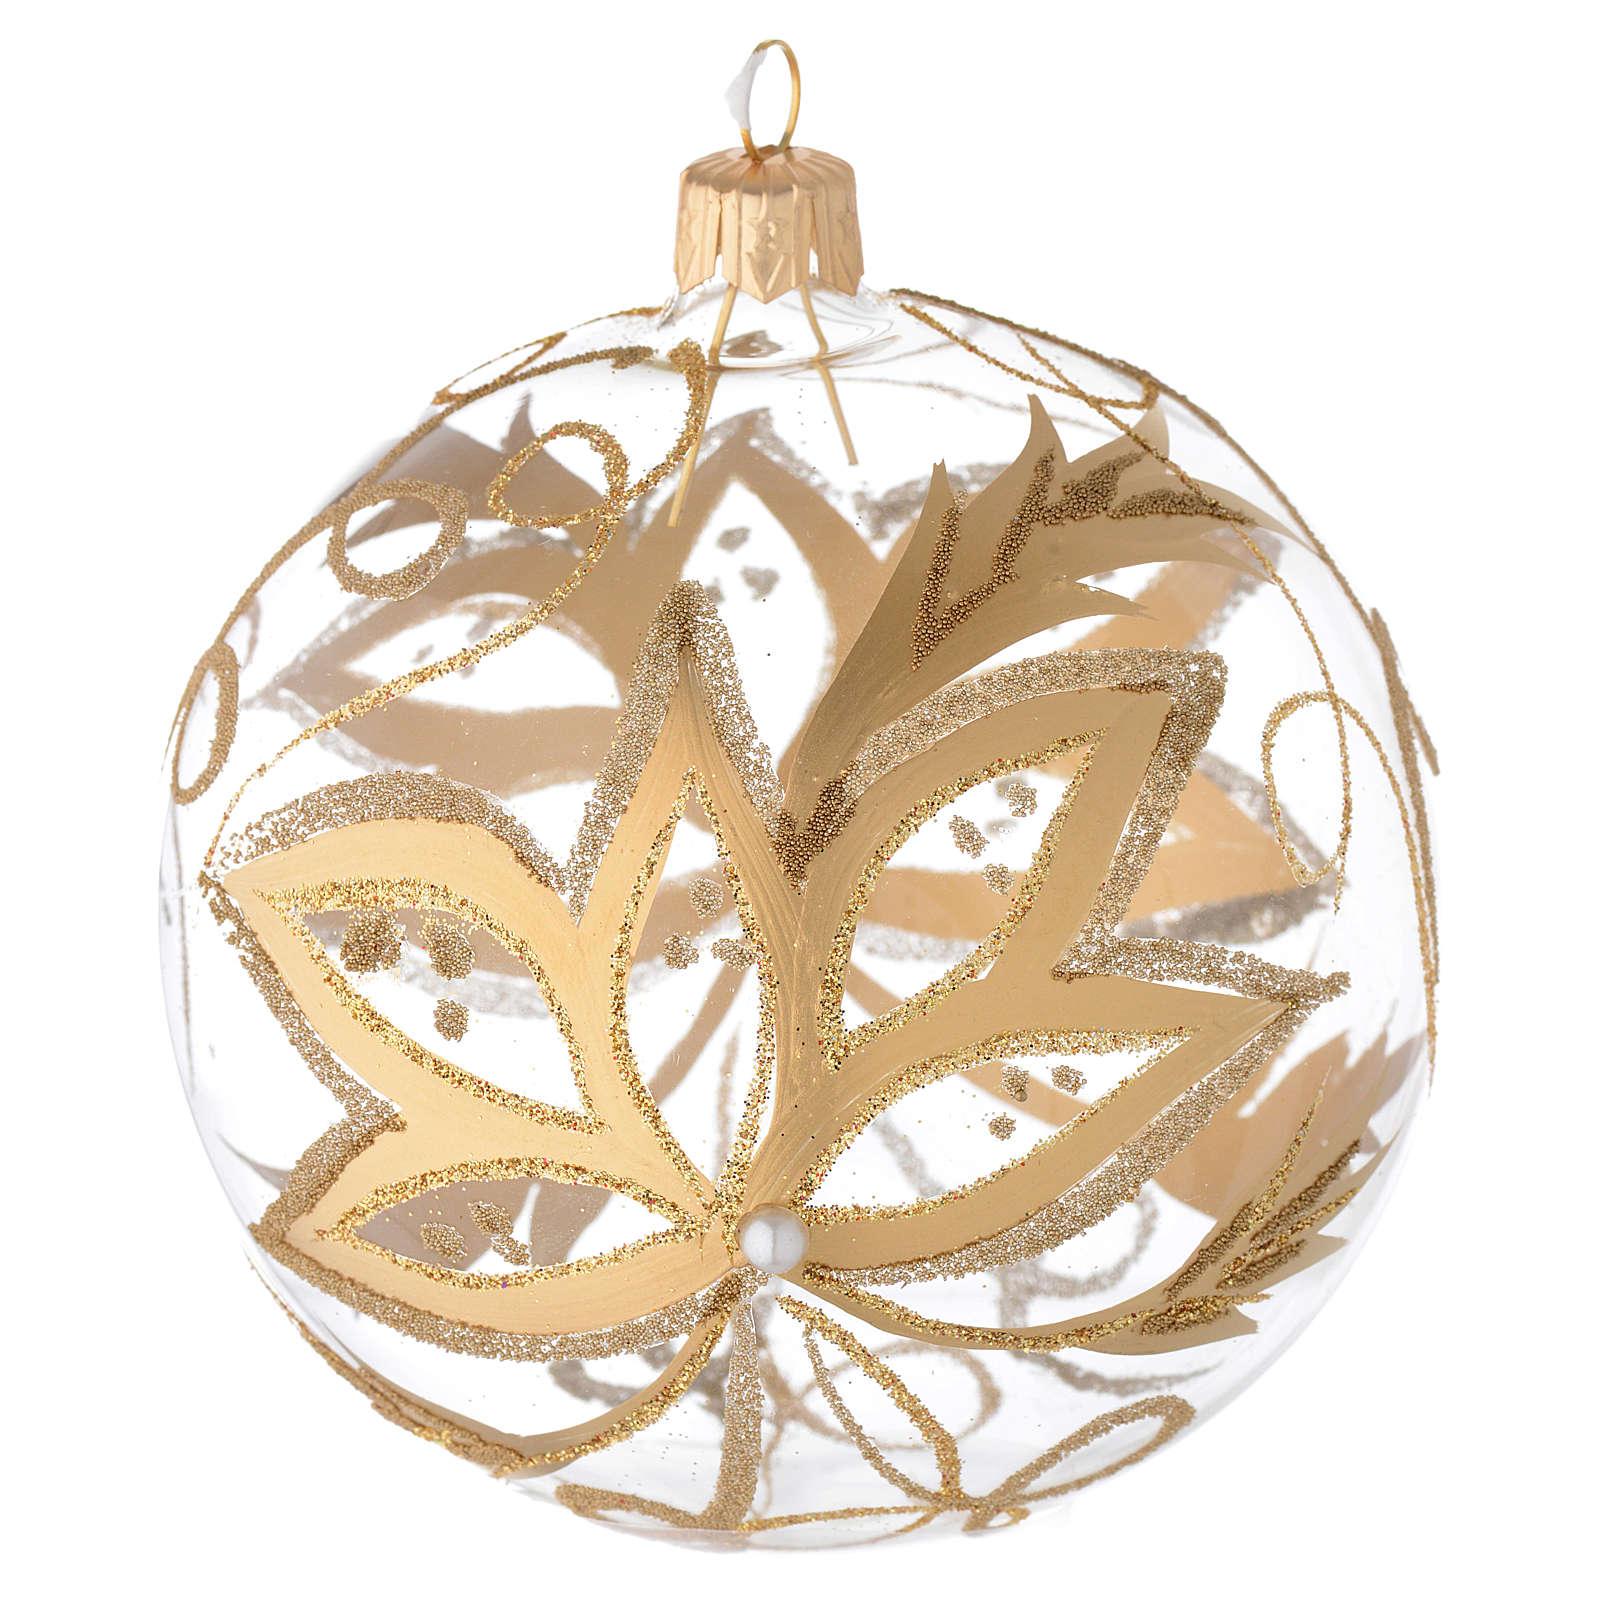 Bombka bożonarodzeniowa szkło dekoracje kwiaty koloru złotego 100mm 4